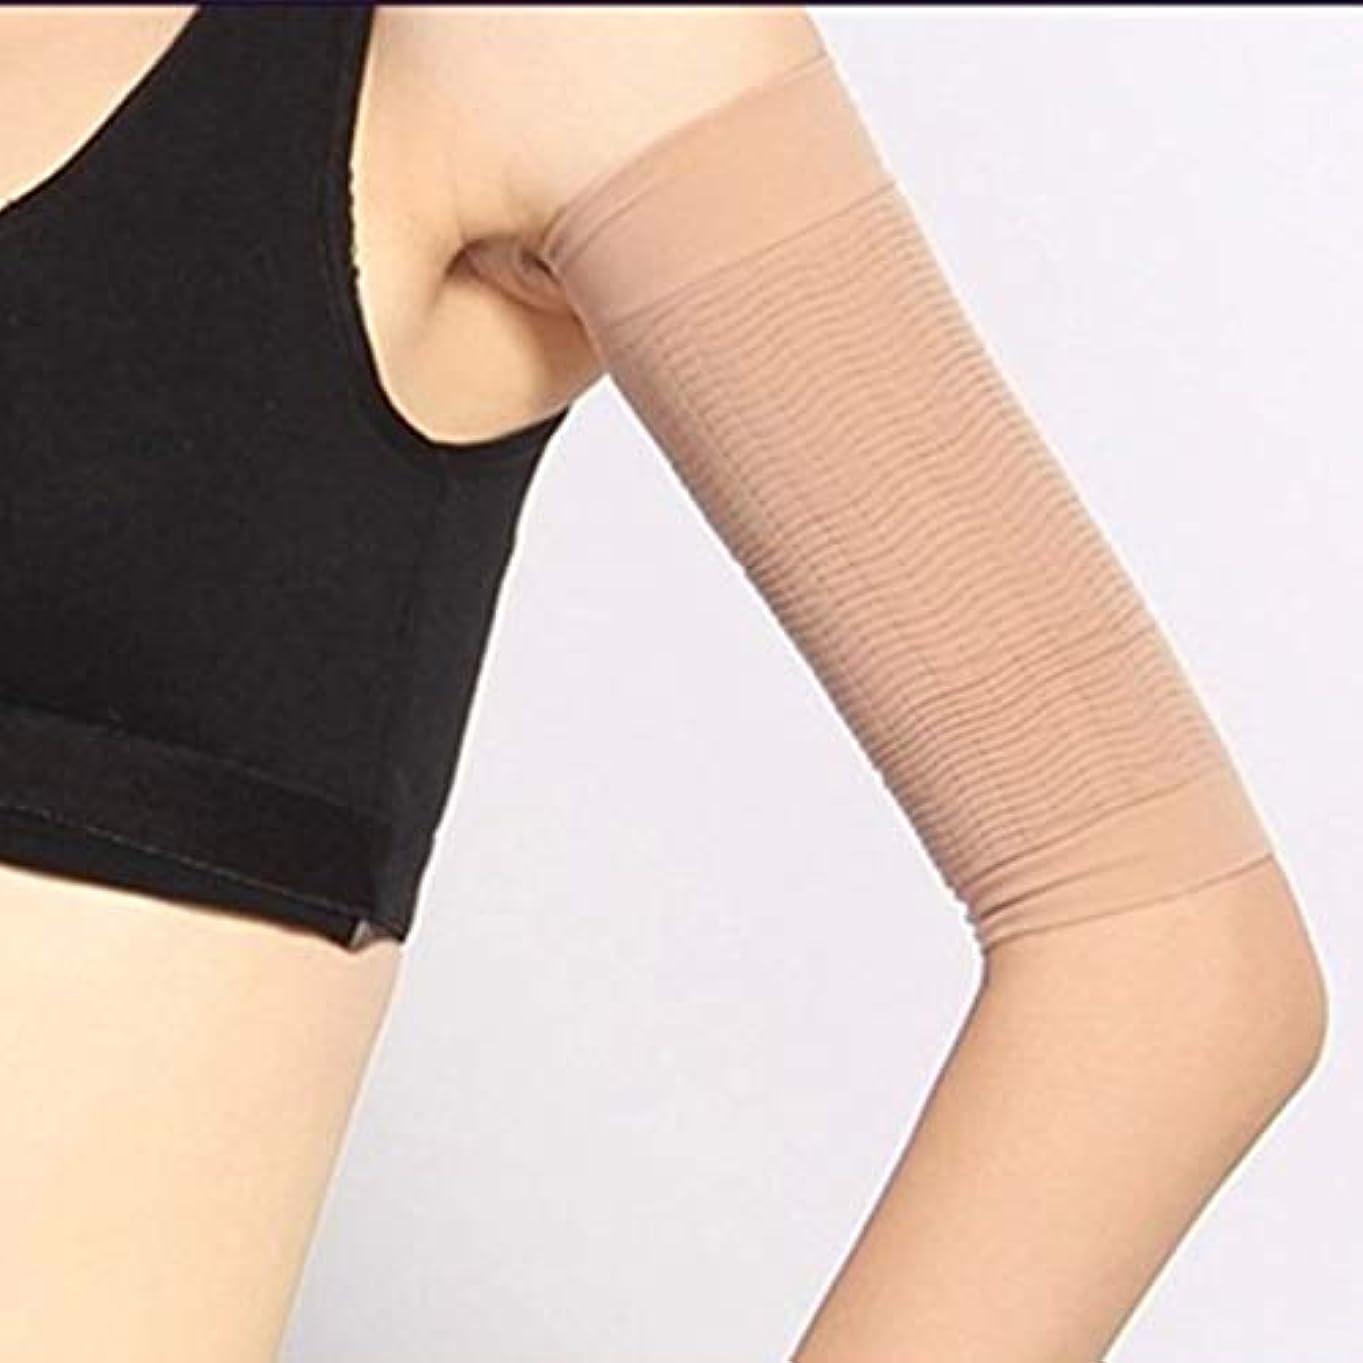 抜け目のない動機付けるプレビュー1ペア420 D圧縮痩身アームスリーブワークアウトトーニングバーンセルライトシェイパー脂肪燃焼袖用女性 - 肌色